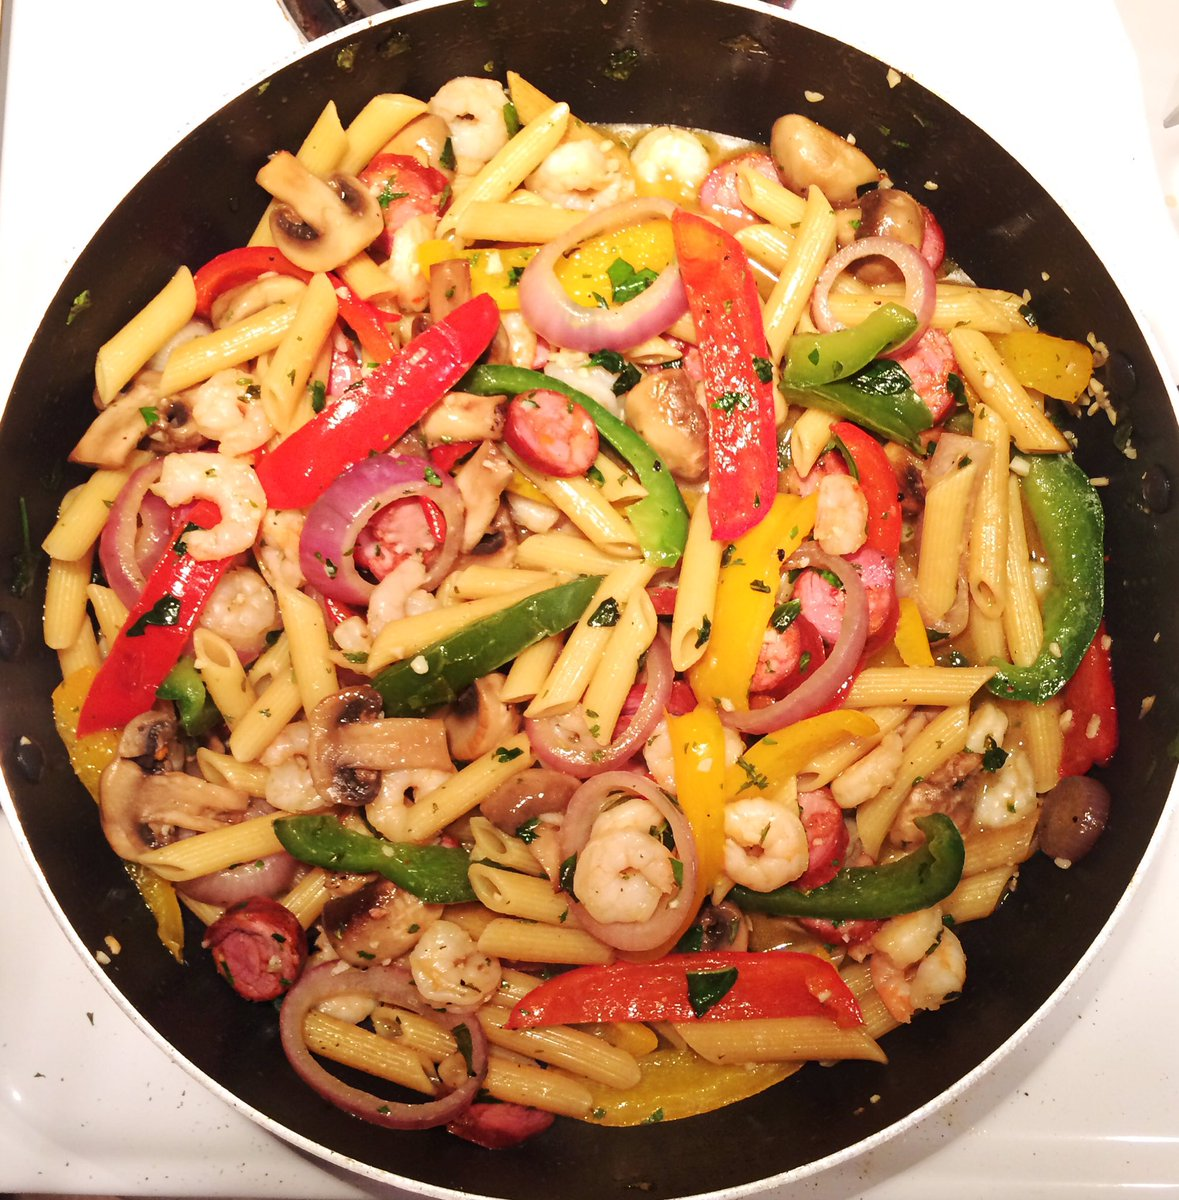 Dimanche après-midi #foodie. Penne aux légumes grillés, crevettes et chorizo. <br>http://pic.twitter.com/l99T8rj5ds